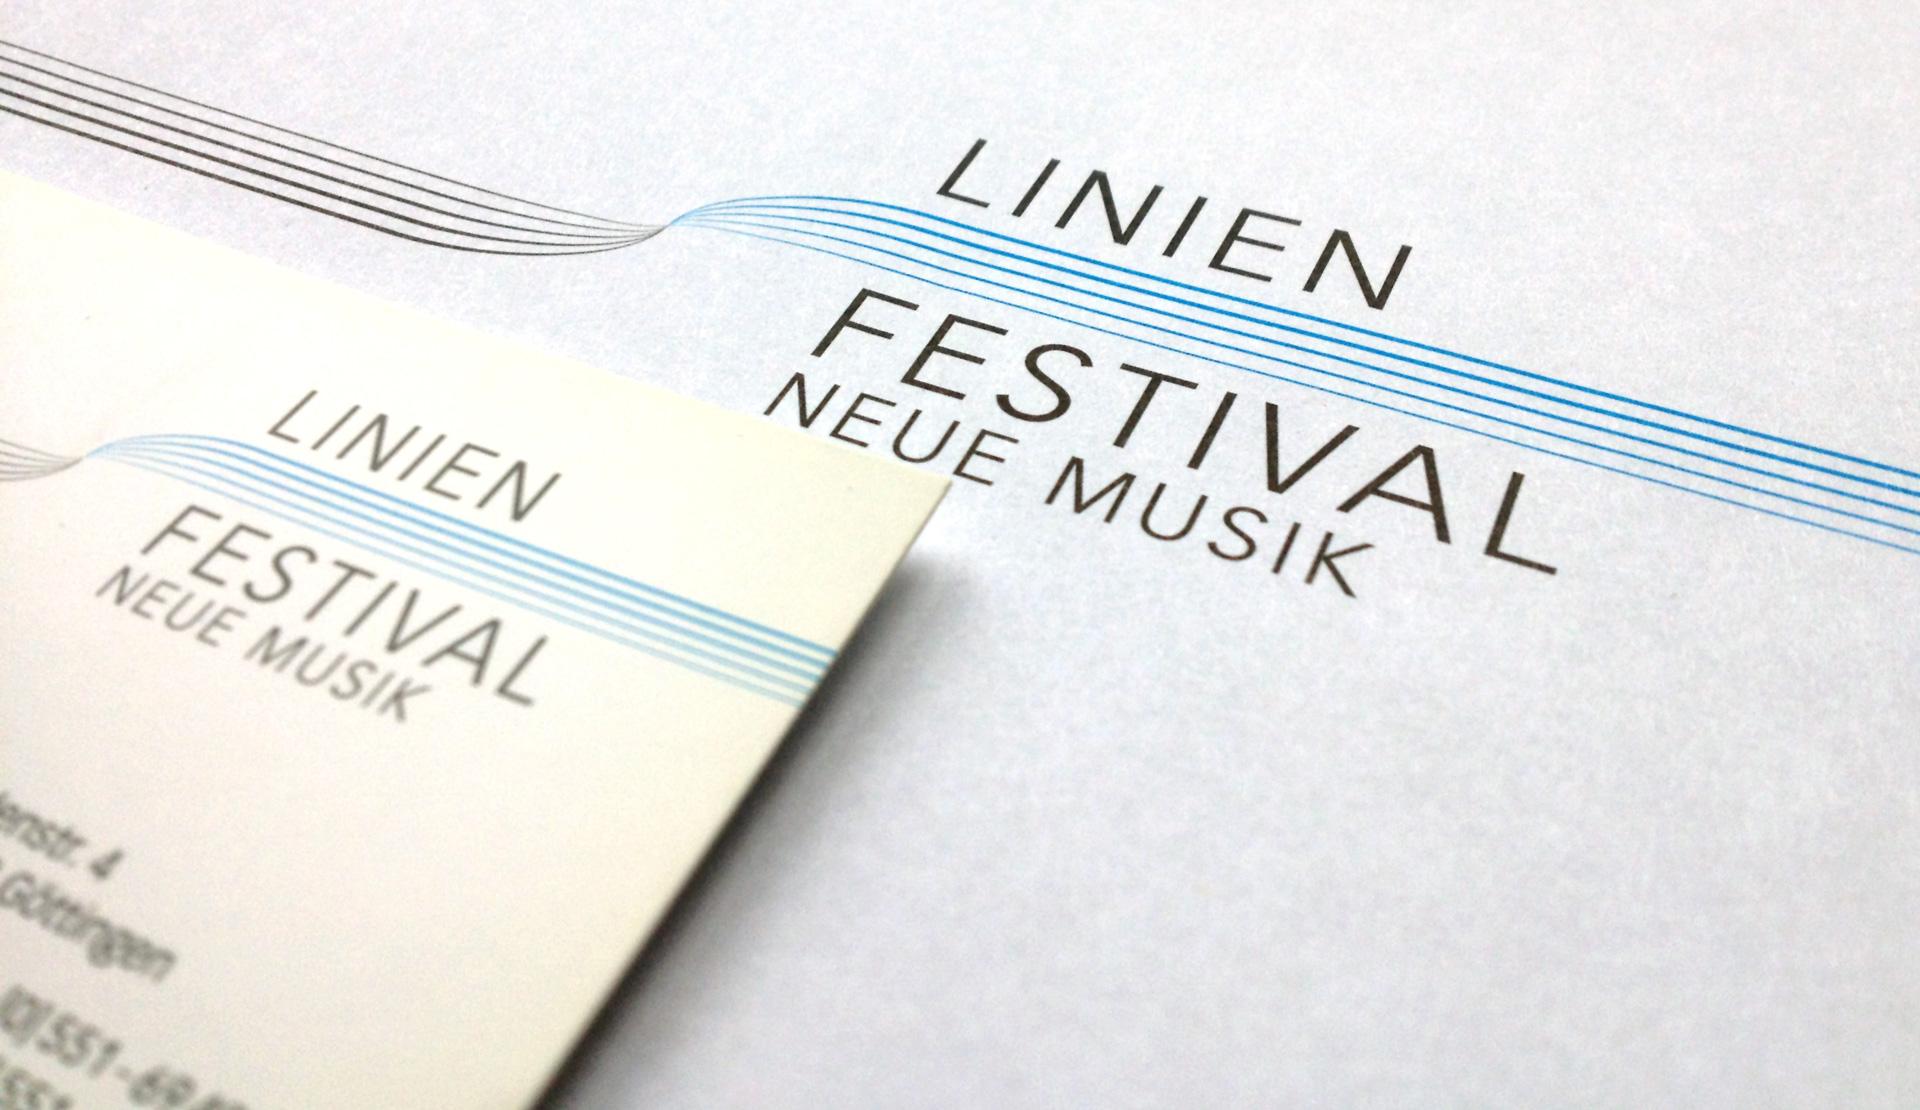 Linien Festival Göttingen, Wort-Bildmarke und Geschäftspapiere